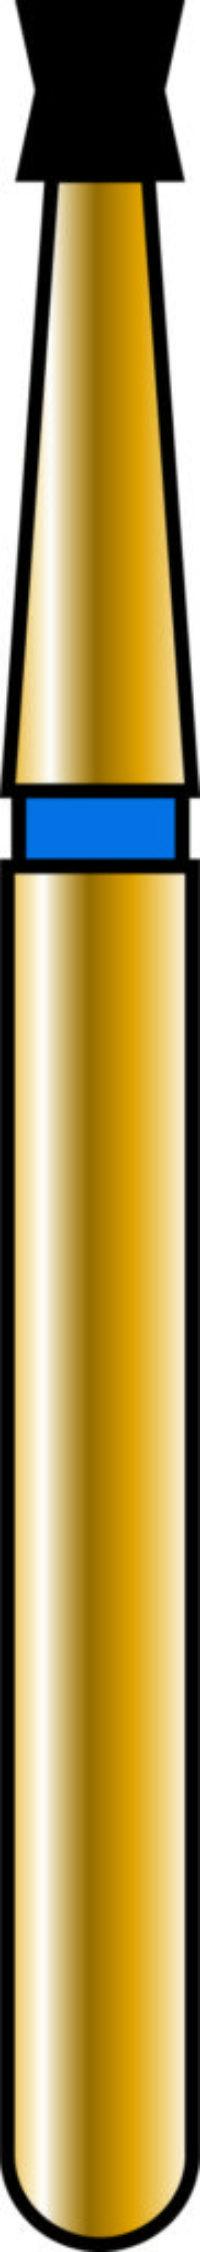 Double Cone 14-1.5mm Gold Diamond Bur - Coarse Grit